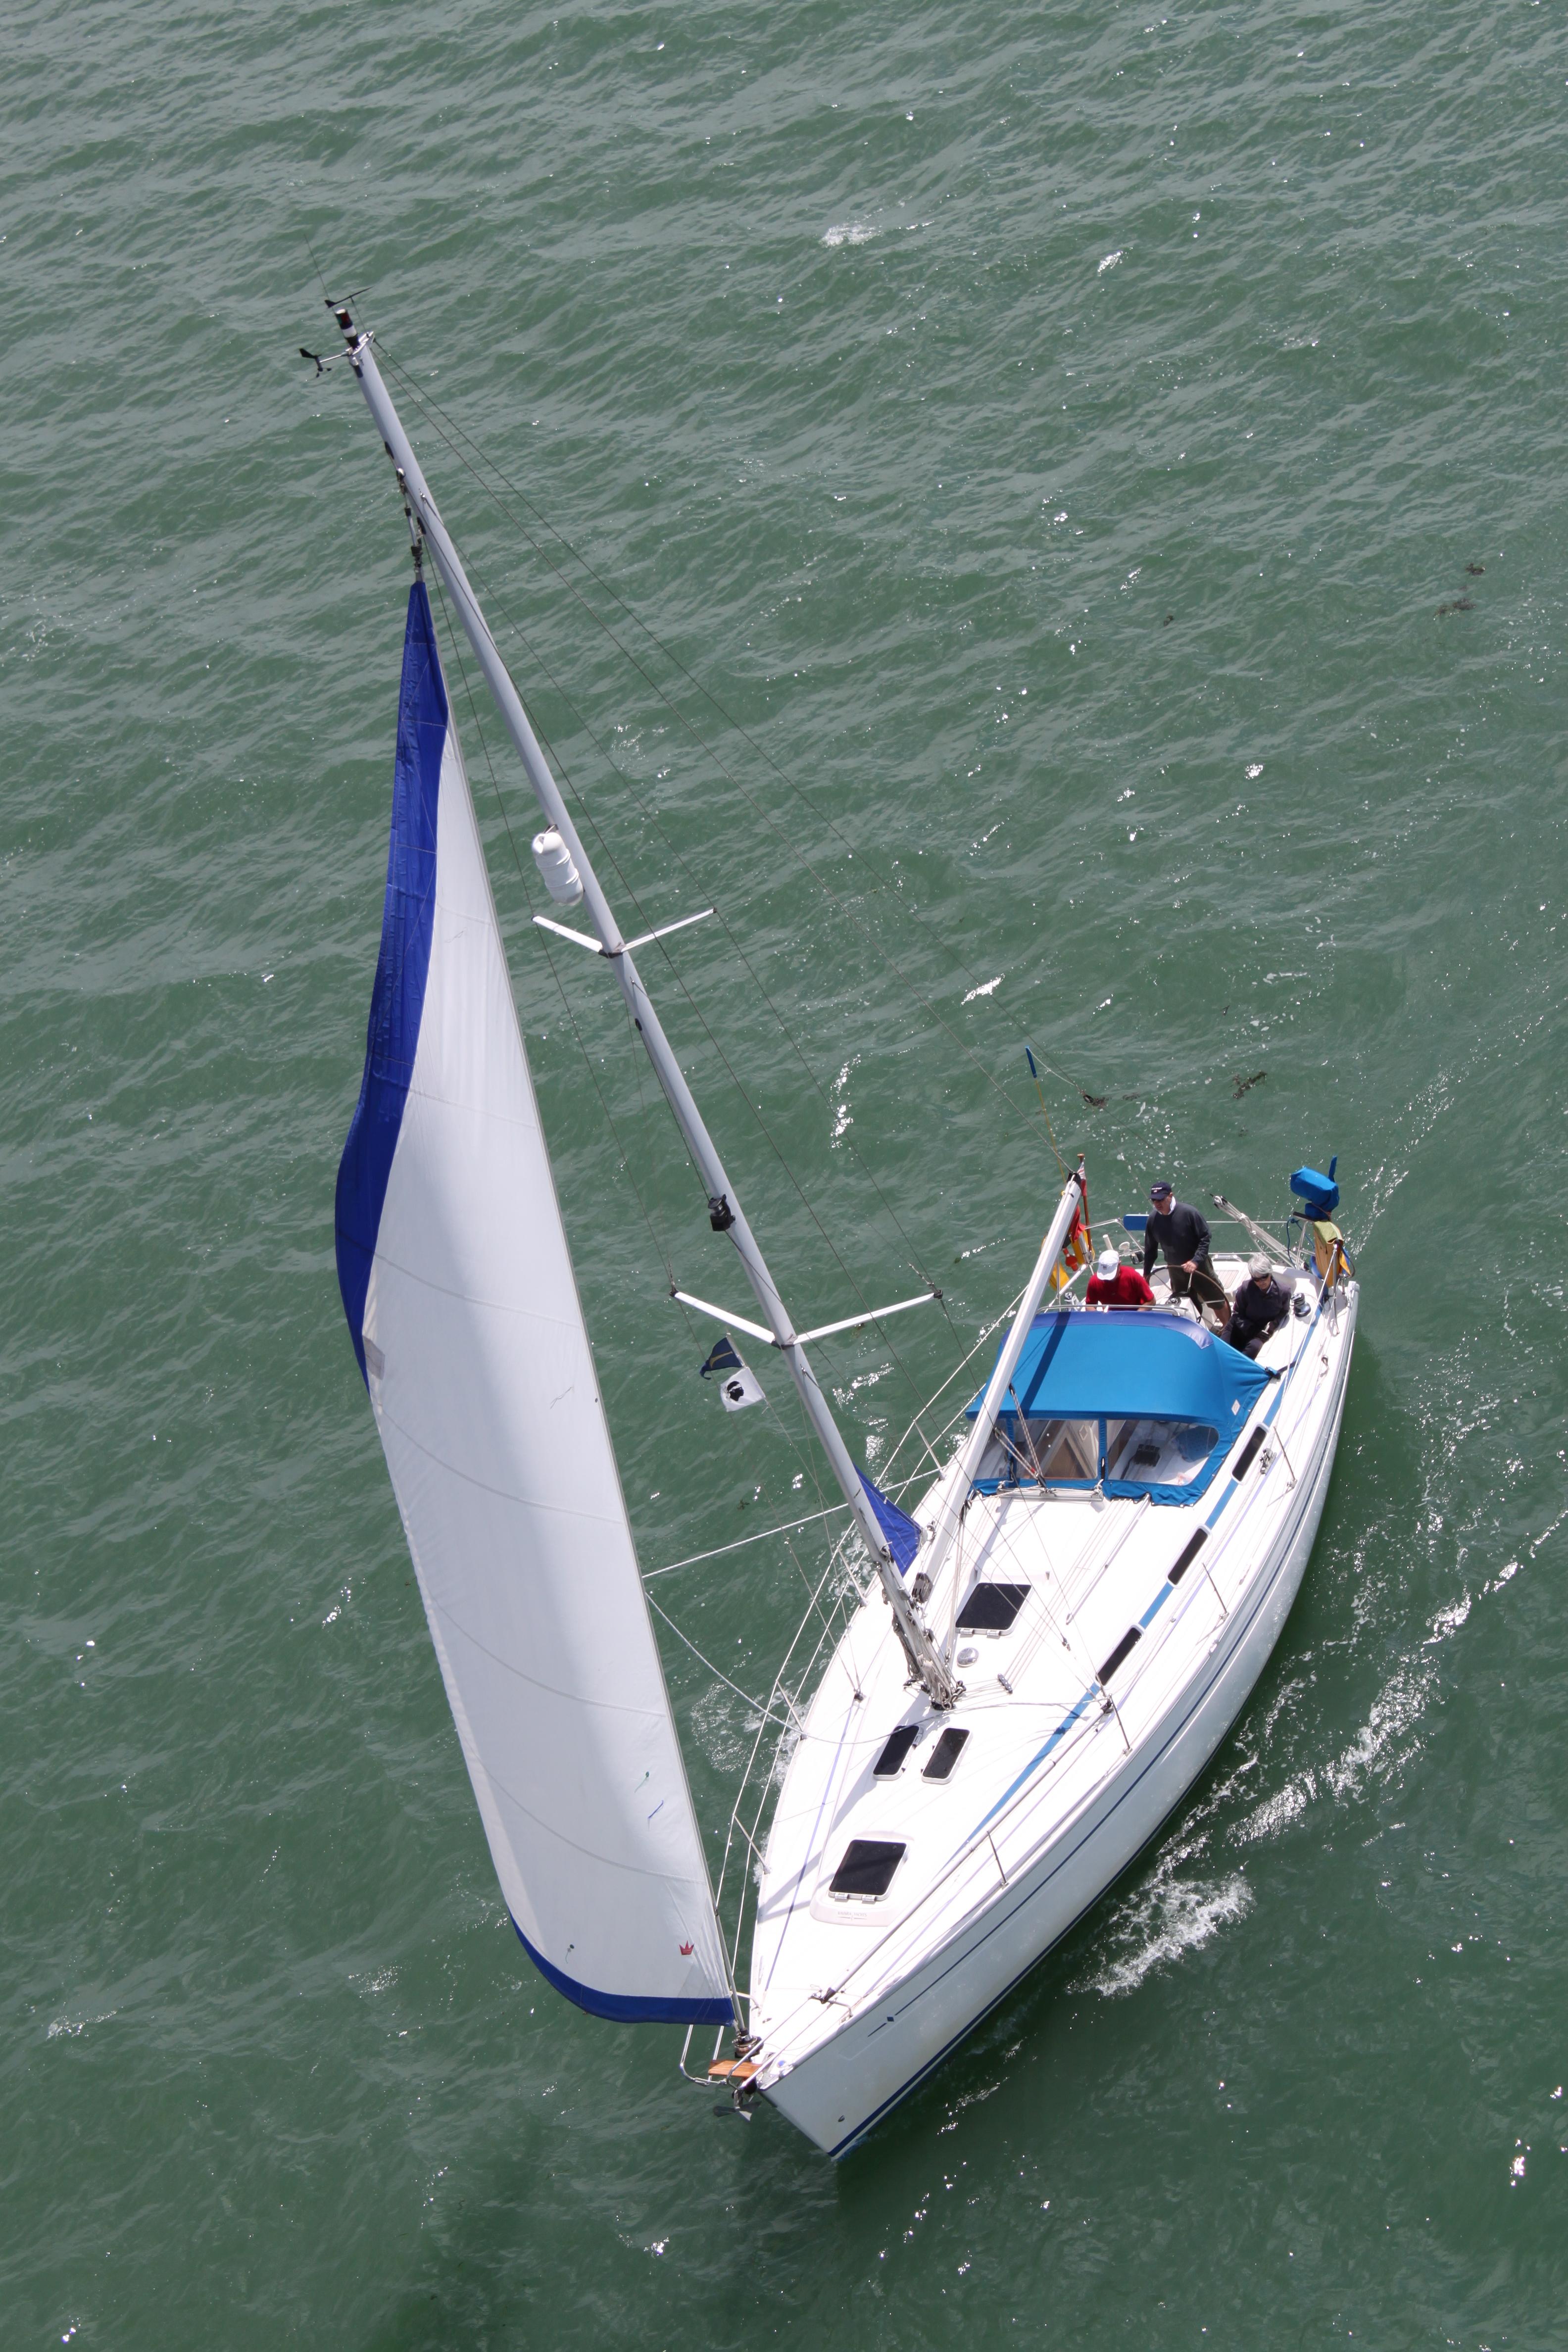 Free photo: Sailboat - Alone, Sea, Vessel - Free Download ...